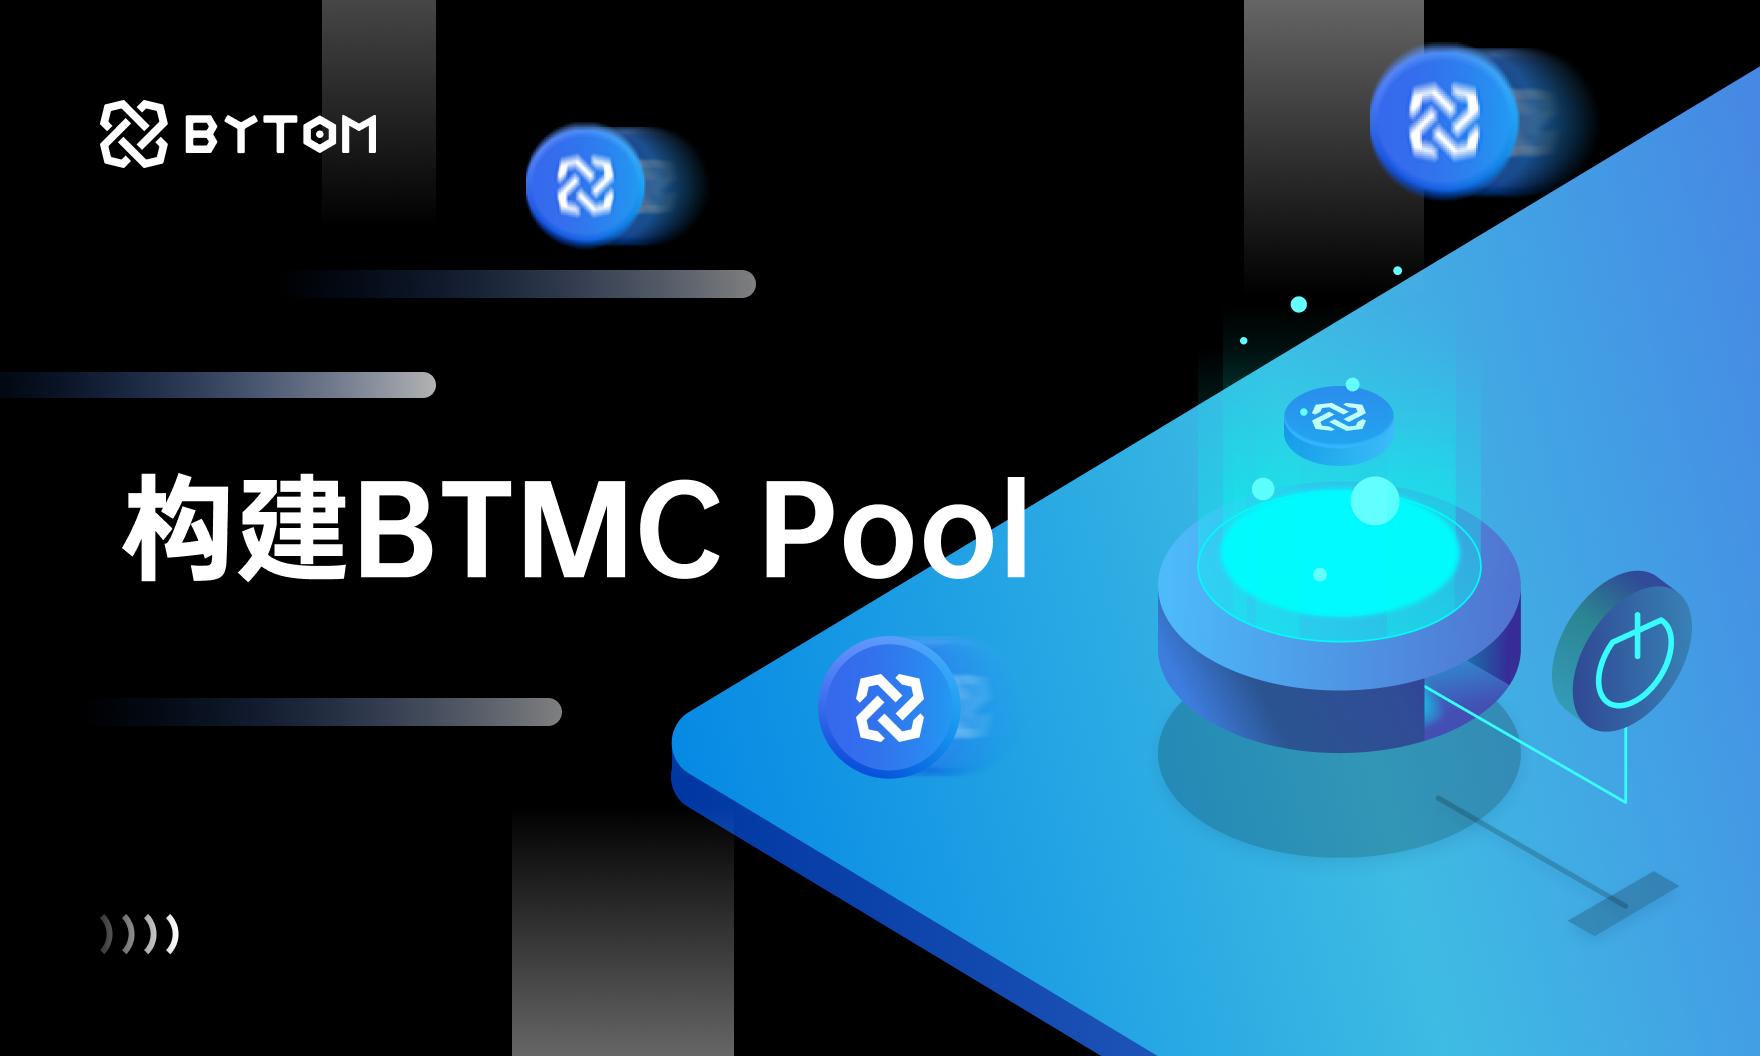 比原链官方分享丨详细流程教你构建BTMC Pool